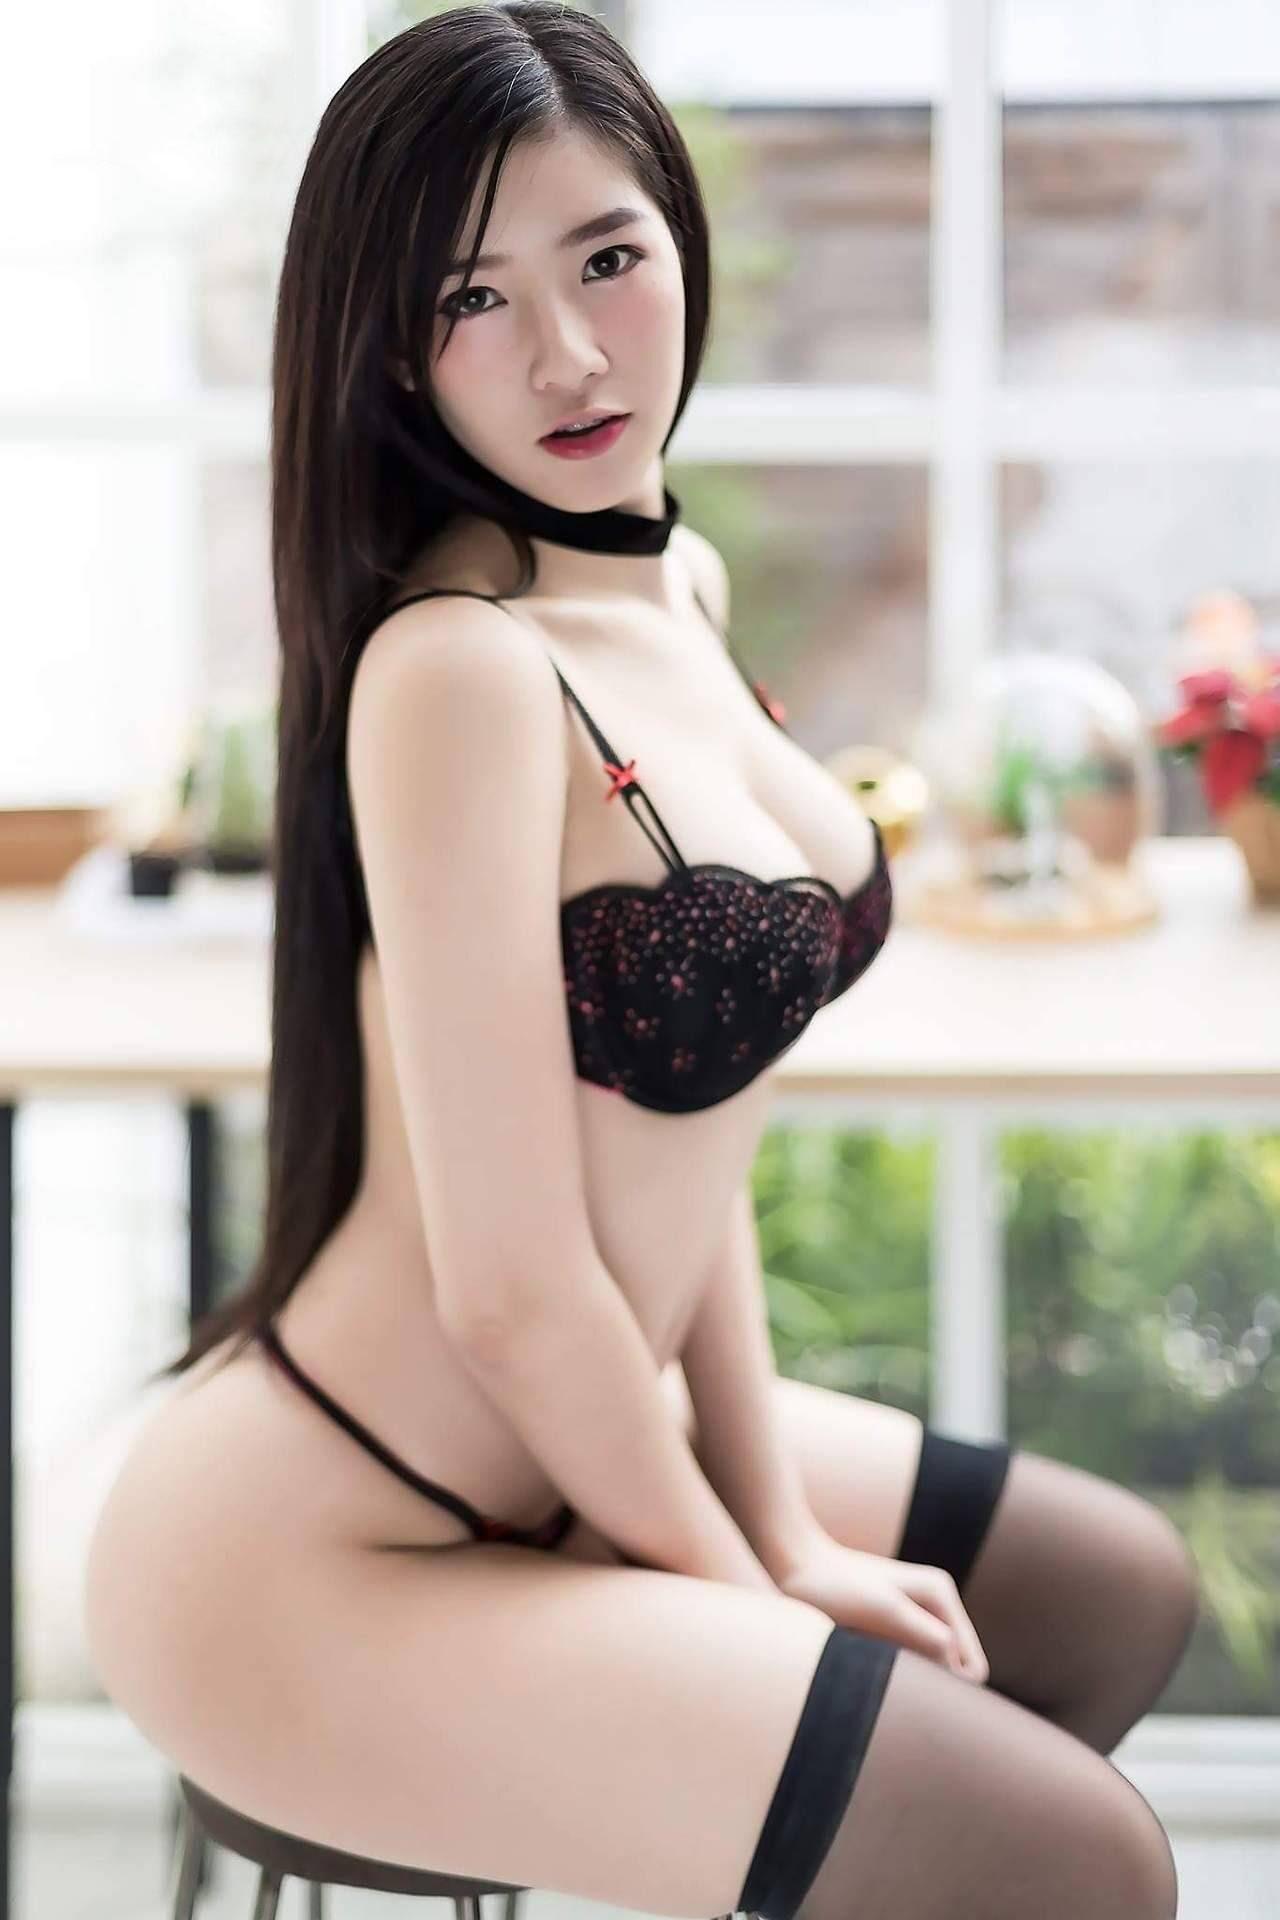 http://klescortmelayu.com/wp-content/uploads/2021/07/2-1280x1920.jpg